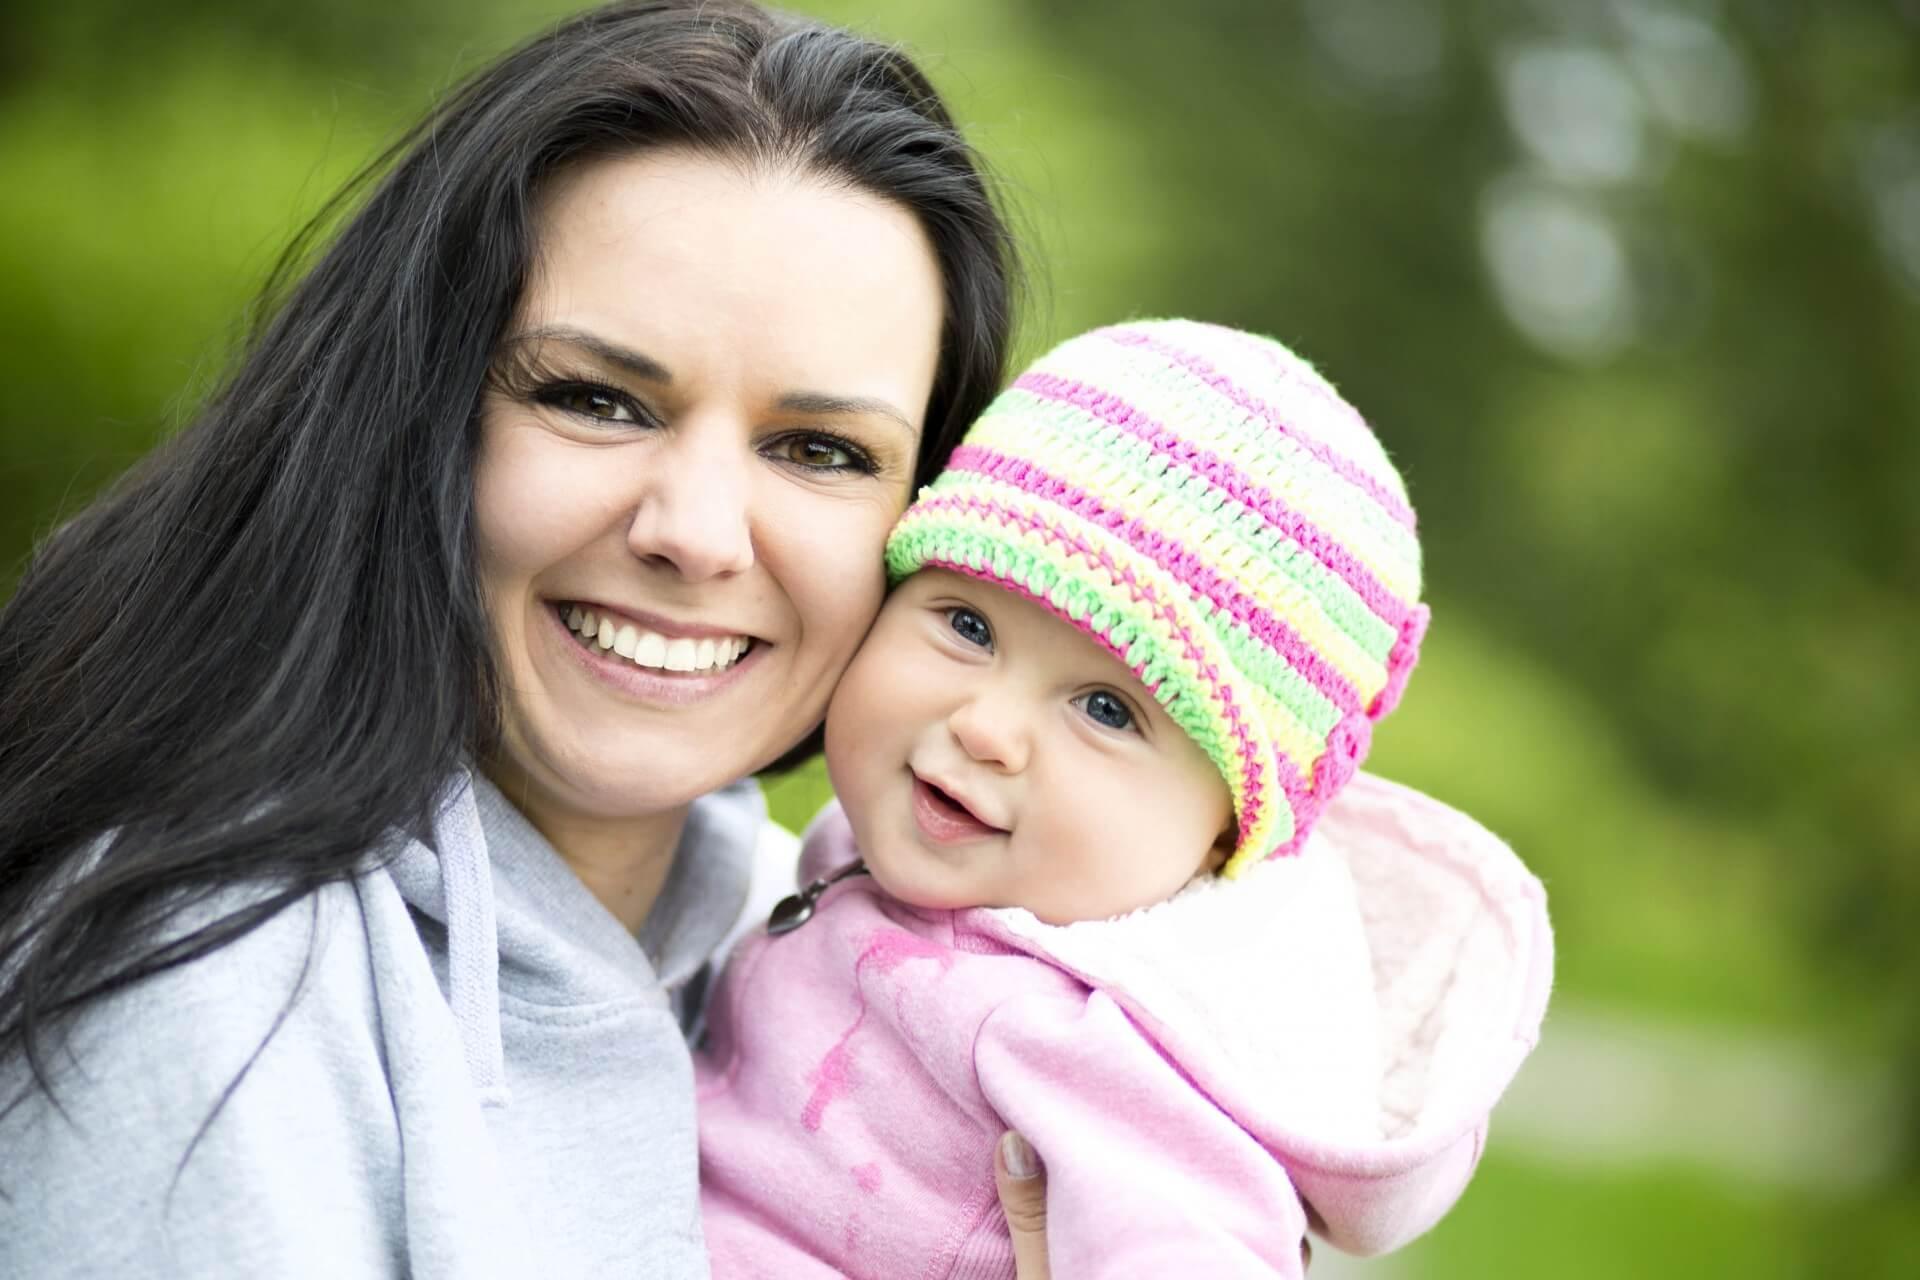 Las madres necesitan cuidarse a sí mismas